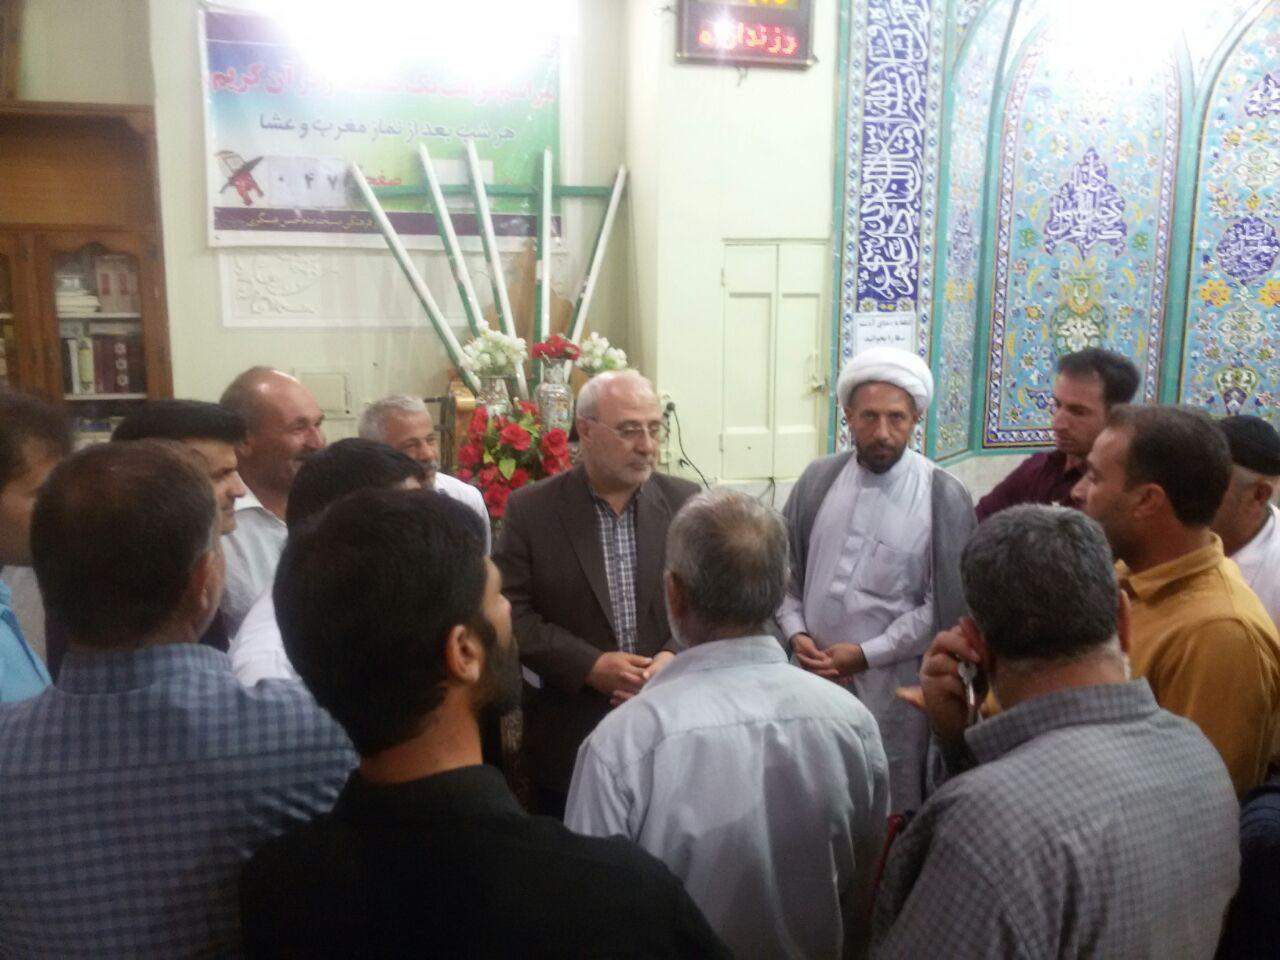 همنشینی با مردم شریف شهر سین درمسجد امام حسن عسکری علیه السلام